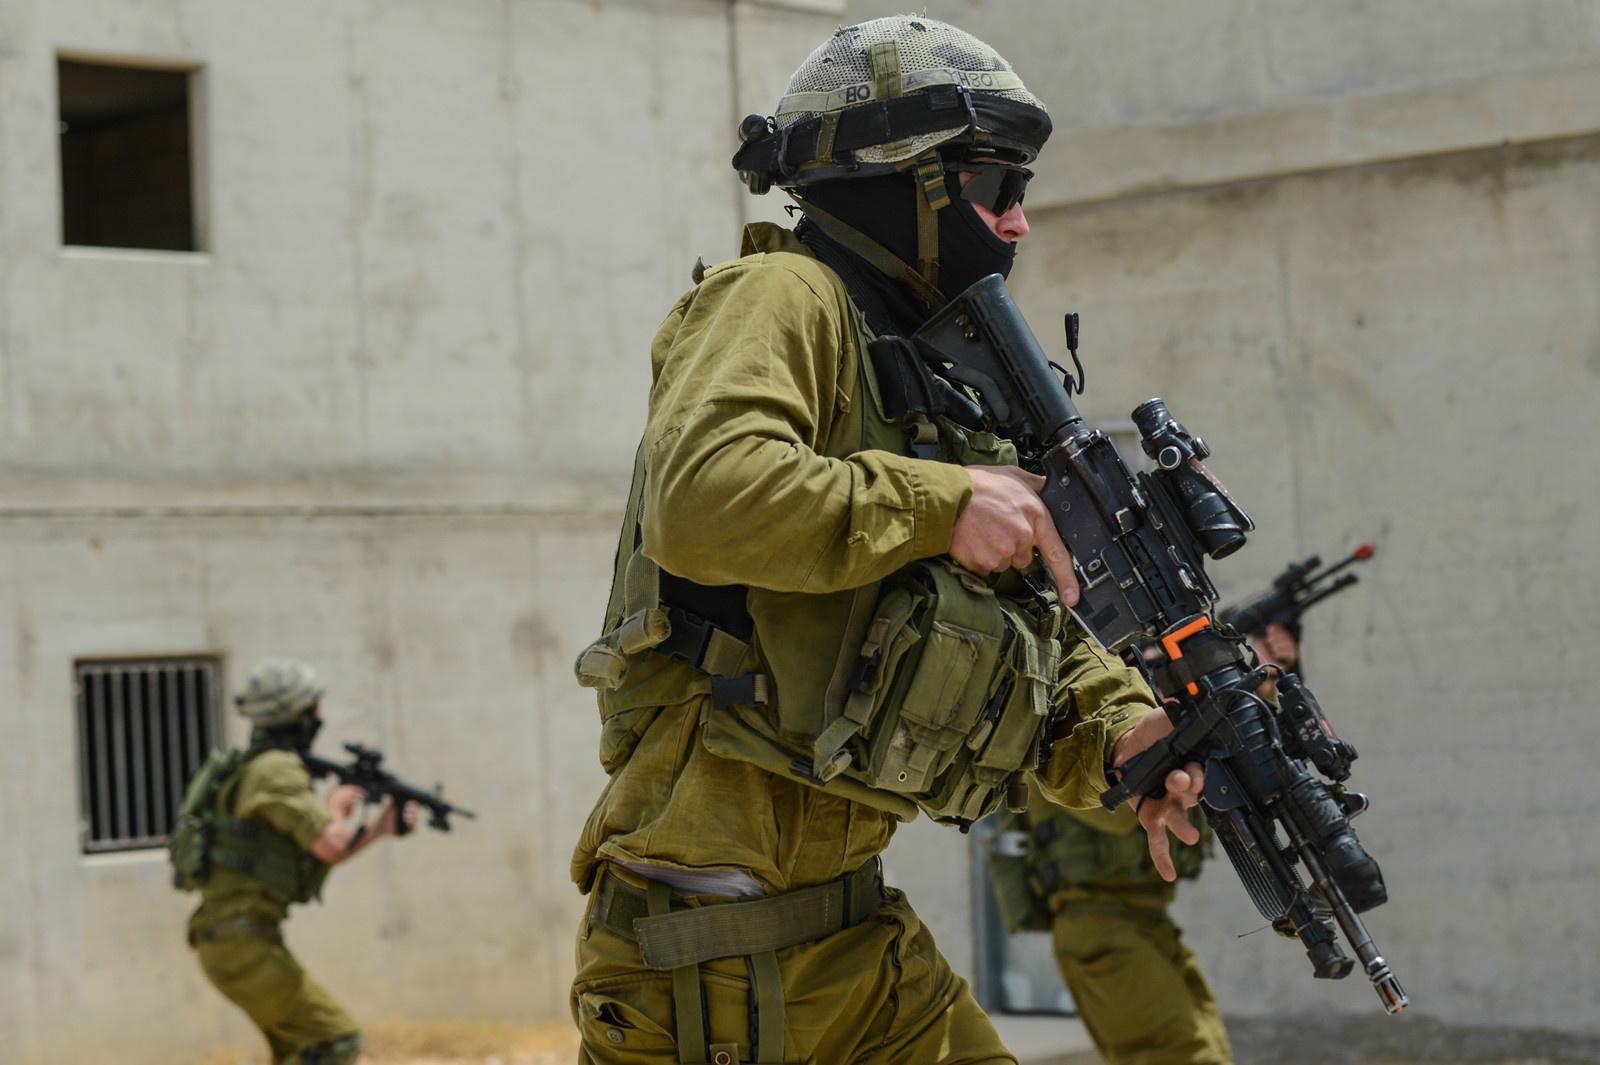 Tra terrorismo sionista e del Daesh non vi sono differenze se non nella propaganda dei media